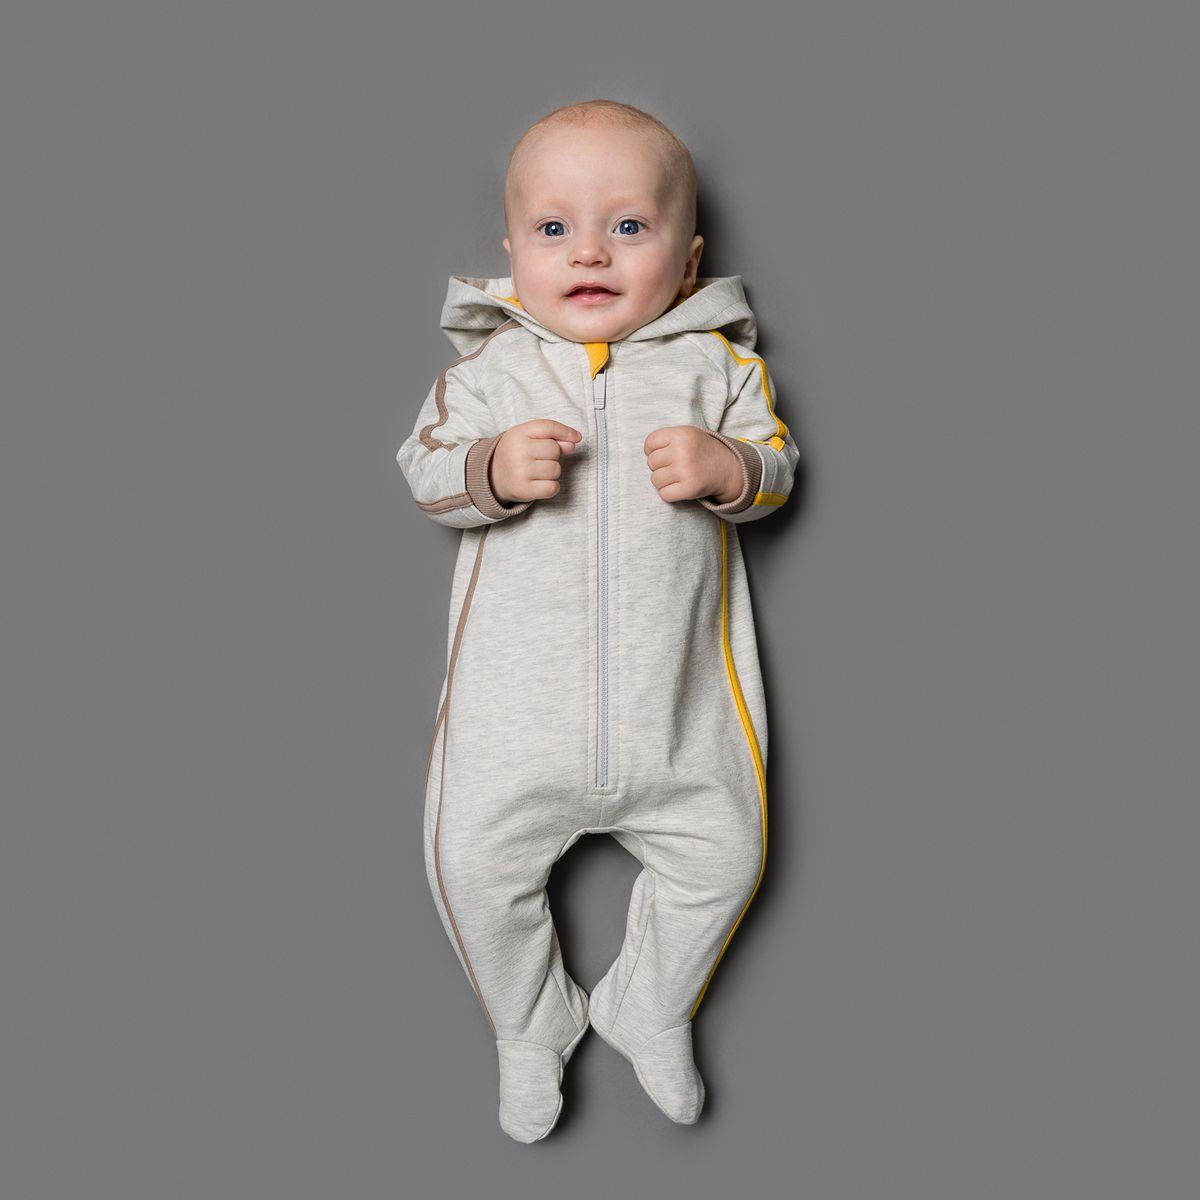 Комбинезон для мальчика Ёмаё, цвет: серый меланж, желтый, коричневый. 22-521. Размер 6222-521Комбинезон Ёмаё, изготовленный из футера - очень удобный и практичный вид одежды для малышей.Комбинезон с капюшоном и закрытыми ножками застегивается спереди на пластиковую застежку-молнию, что помогает с легкостью переодеть ребенка. На рукавах предусмотрены широкие эластичные манжеты, не пережимающие ручки малыша. Сзади модель дополнена двумя накладными кармашками. Оформлено изделие контрастными бейками и принтом на спортивную тематику. Комбинезон полностью соответствует особенностям жизни младенца в ранний период, не стесняя и не ограничивая его в движениях!